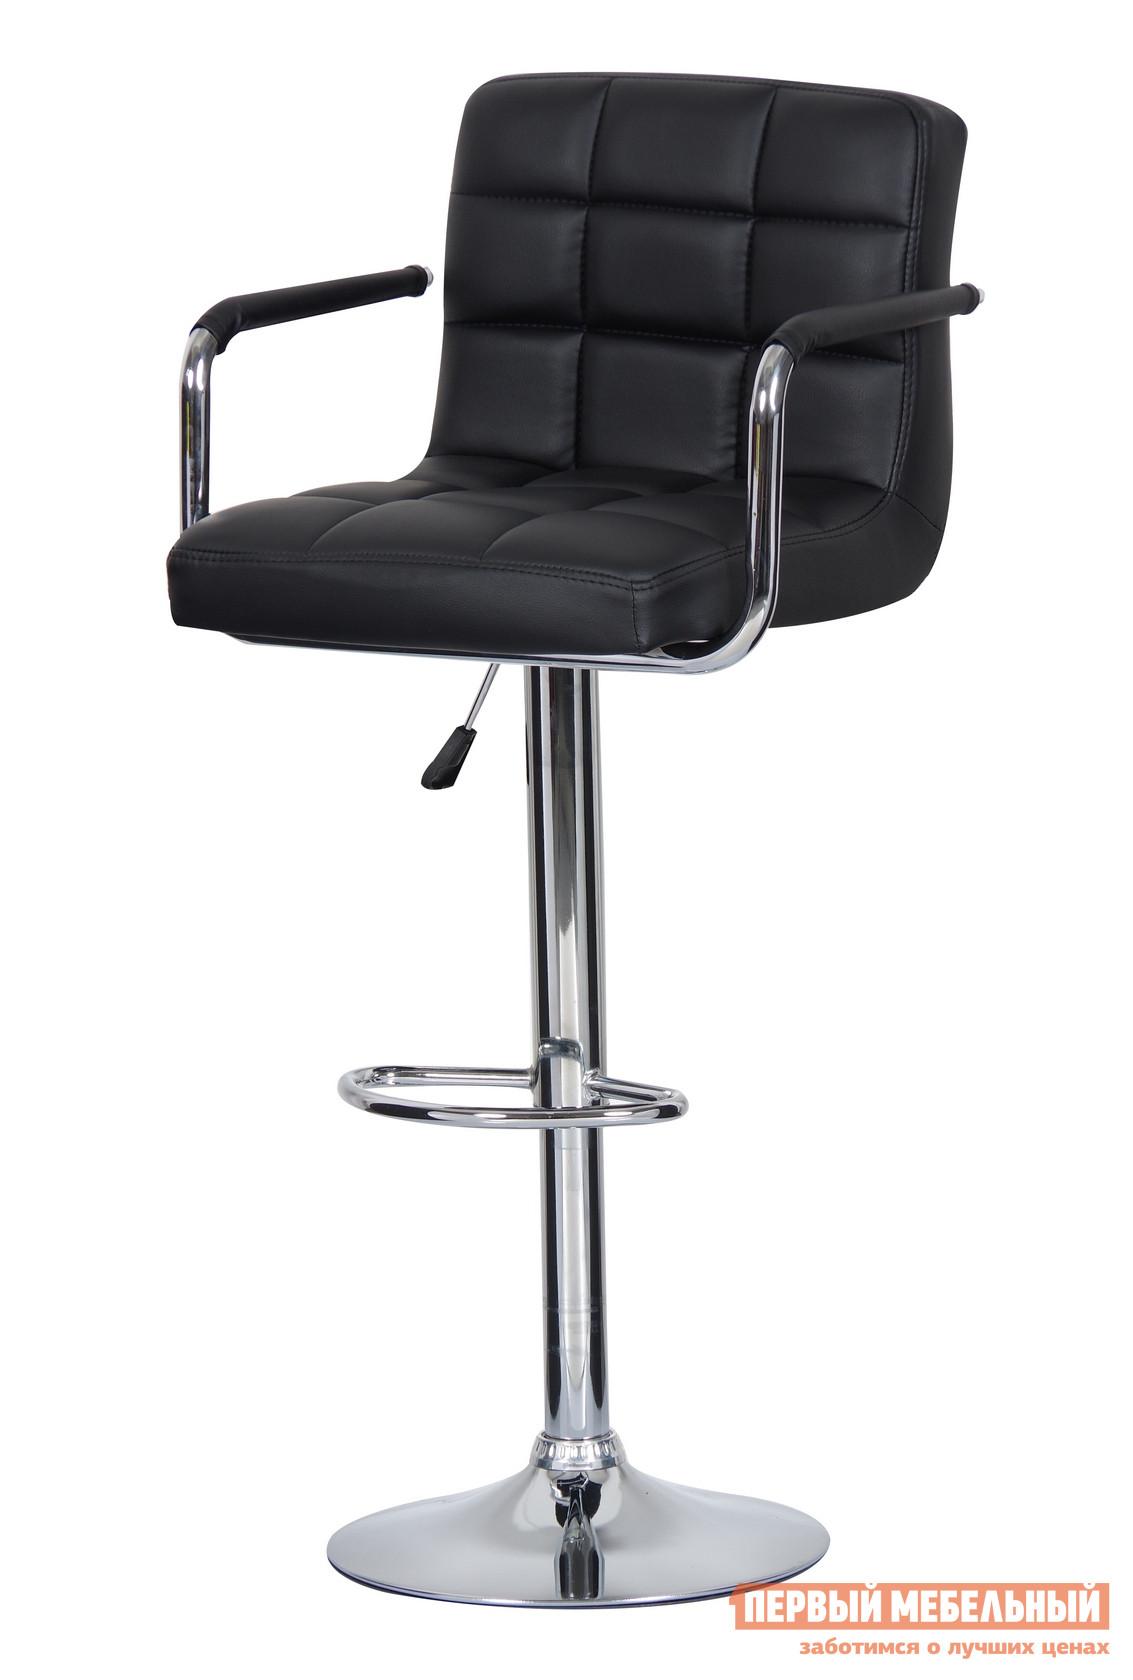 Барный стул Паоли Kruger Arm T808F-1 Black кожзамБарные стулья<br>Габаритные размеры ВхШхГ 920 / 1120x470x430 мм. Стильный барный стул.  Модель выполнена в стиле баухаус, в котором красота форм неотделима от практичности, а простота — синоним удобства.  Высота сиденья регулируется от 630 мм до 820мм. Высота спинки составляет от 300 до 380 мм.  Подлокотники обеспечивают дополнительный комфорт в расслабляющей обстановке бара. Материалы: хромированная сталь,  дерево, газ-лифт, обивка из высококачественной искусственной кожи PVC. Минимальный срок службы: 10 лет. Нагрузка на газ-лифт: до 100 кг.<br><br>Цвет: Black кожзам<br>Цвет: Черный<br>Высота мм: 920 / 1120<br>Ширина мм: 470<br>Глубина мм: 430<br>Кол-во упаковок: 1<br>Форма поставки: В разобранном виде<br>Срок гарантии: 12 месяцев<br>Тип: Для кухни, Регулируемые по высоте, Высота сиденья 600-700мм, Высота сиденья от 800мм<br>Материал: Металлические, из искусственной кожи<br>Форма: Квадратные<br>Особенности: С подлокотниками, С мягким сиденьем, С одной ножкой, Со спинкой